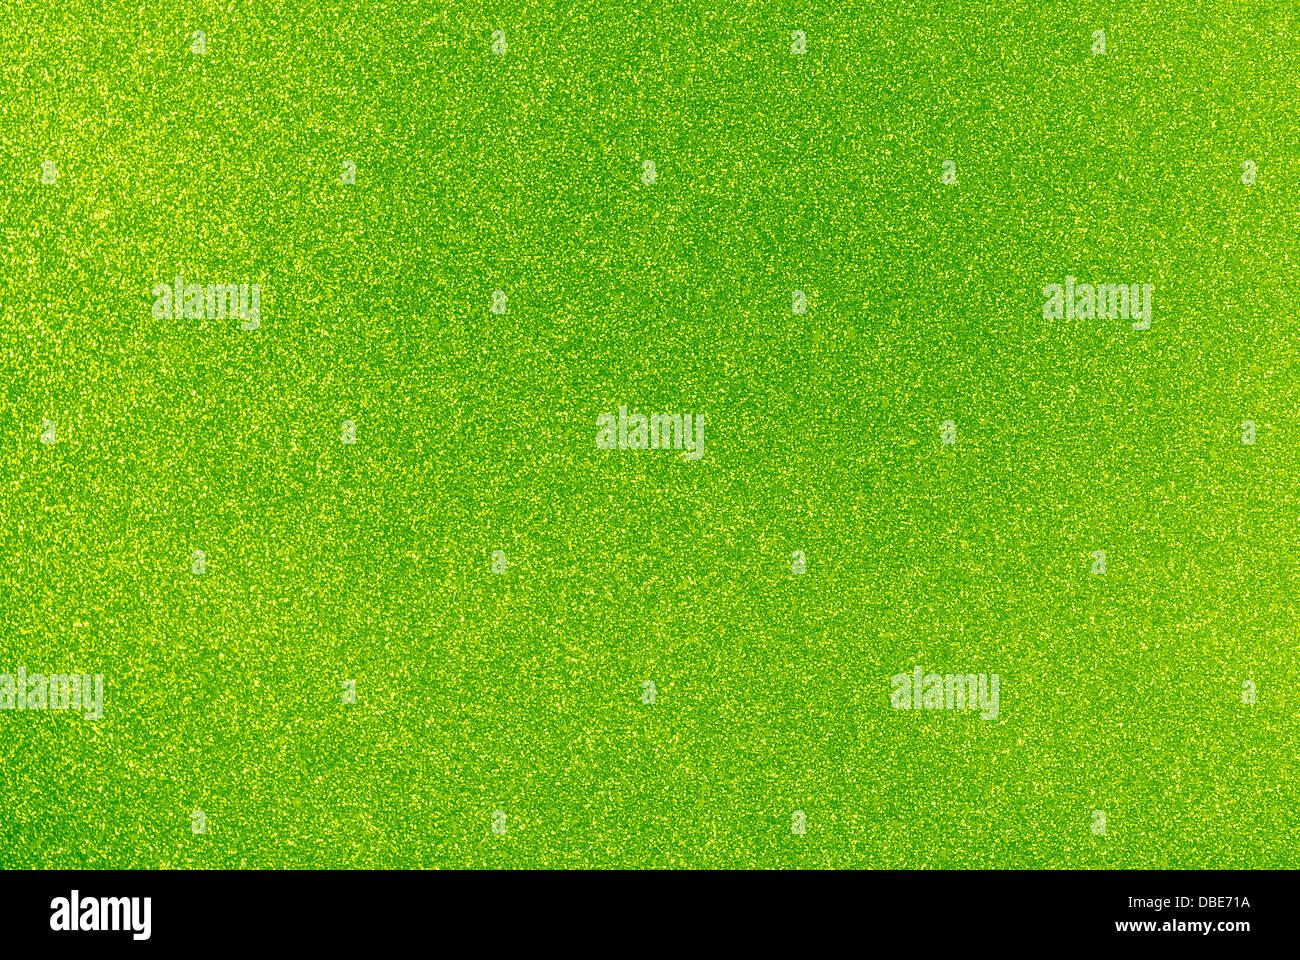 Riempito di sfondo con scintillante verde lime glitter Immagini Stock